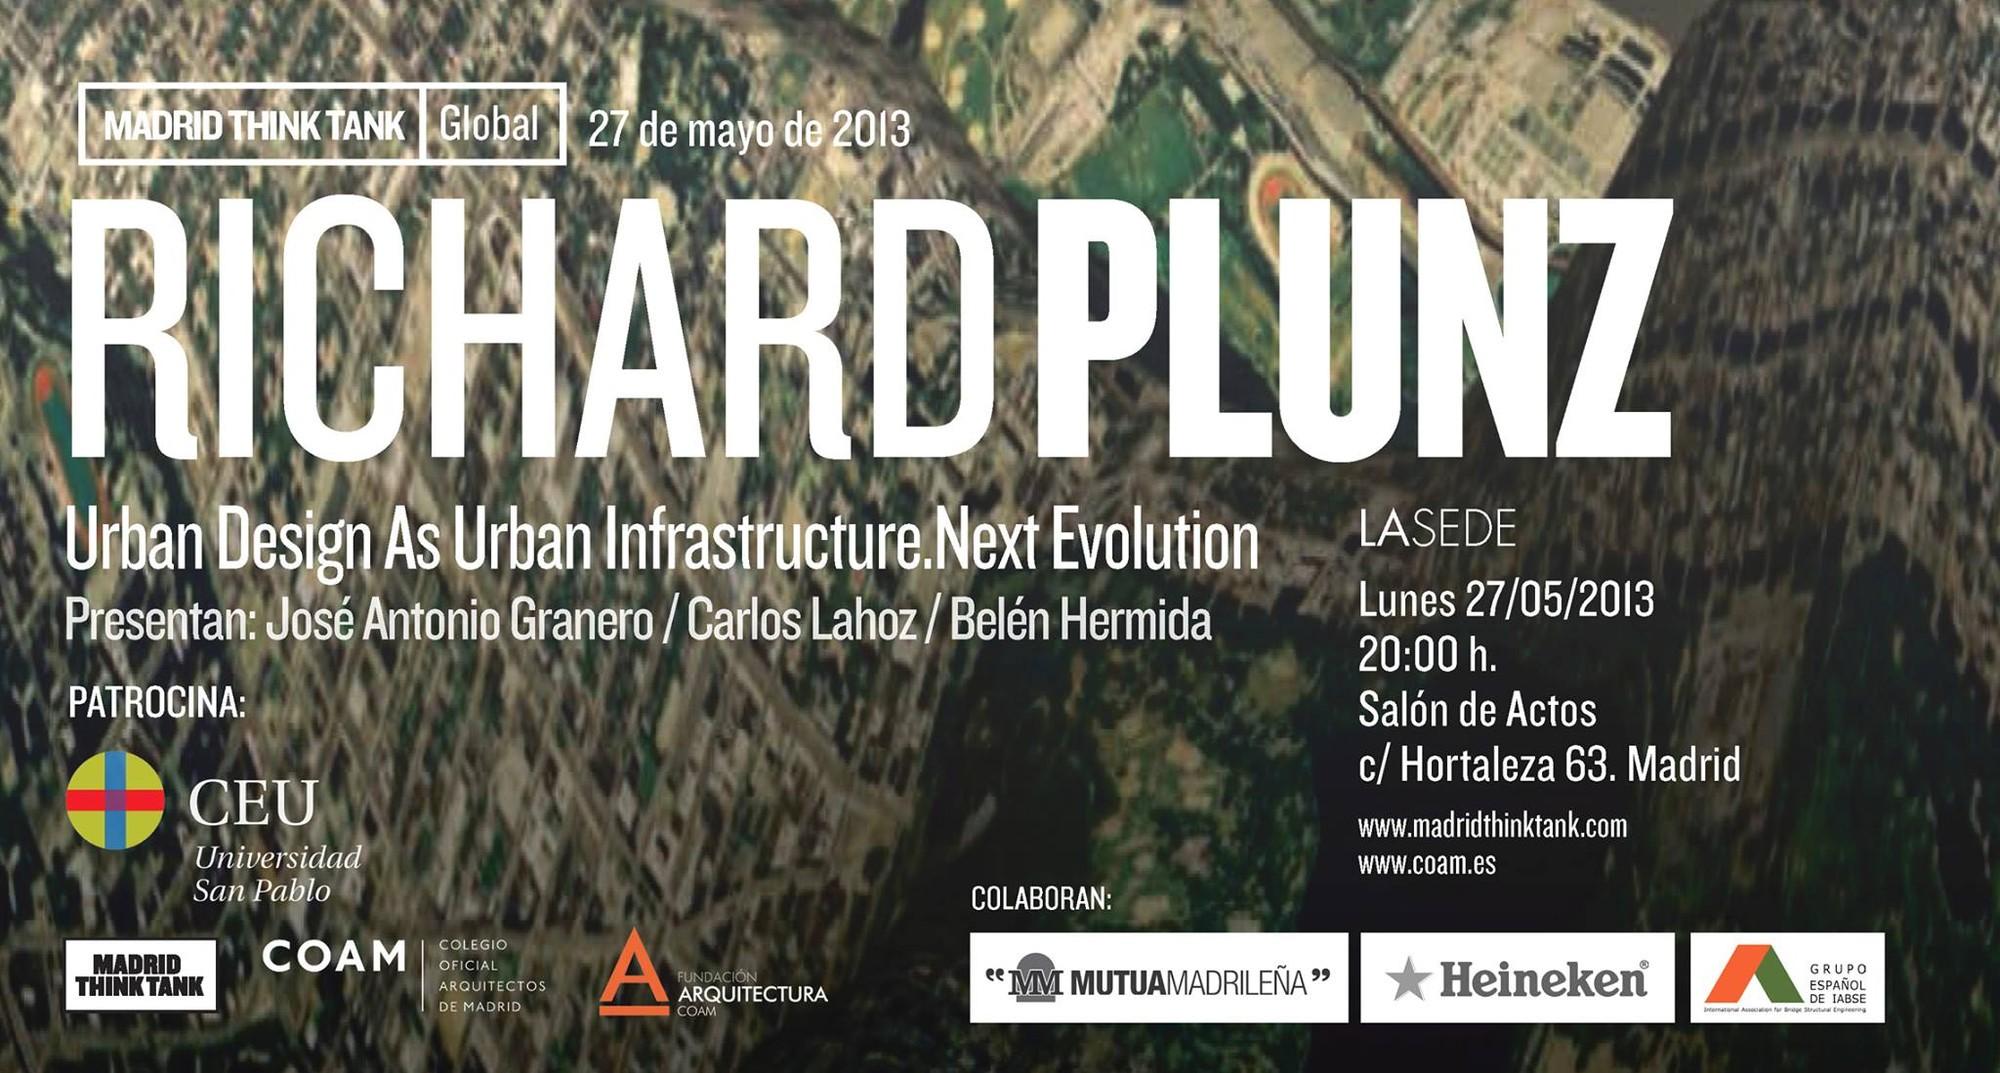 Madrid Think Tank / Urban Design As Urban Infrastructure. Next Evolution / Richard Plunz